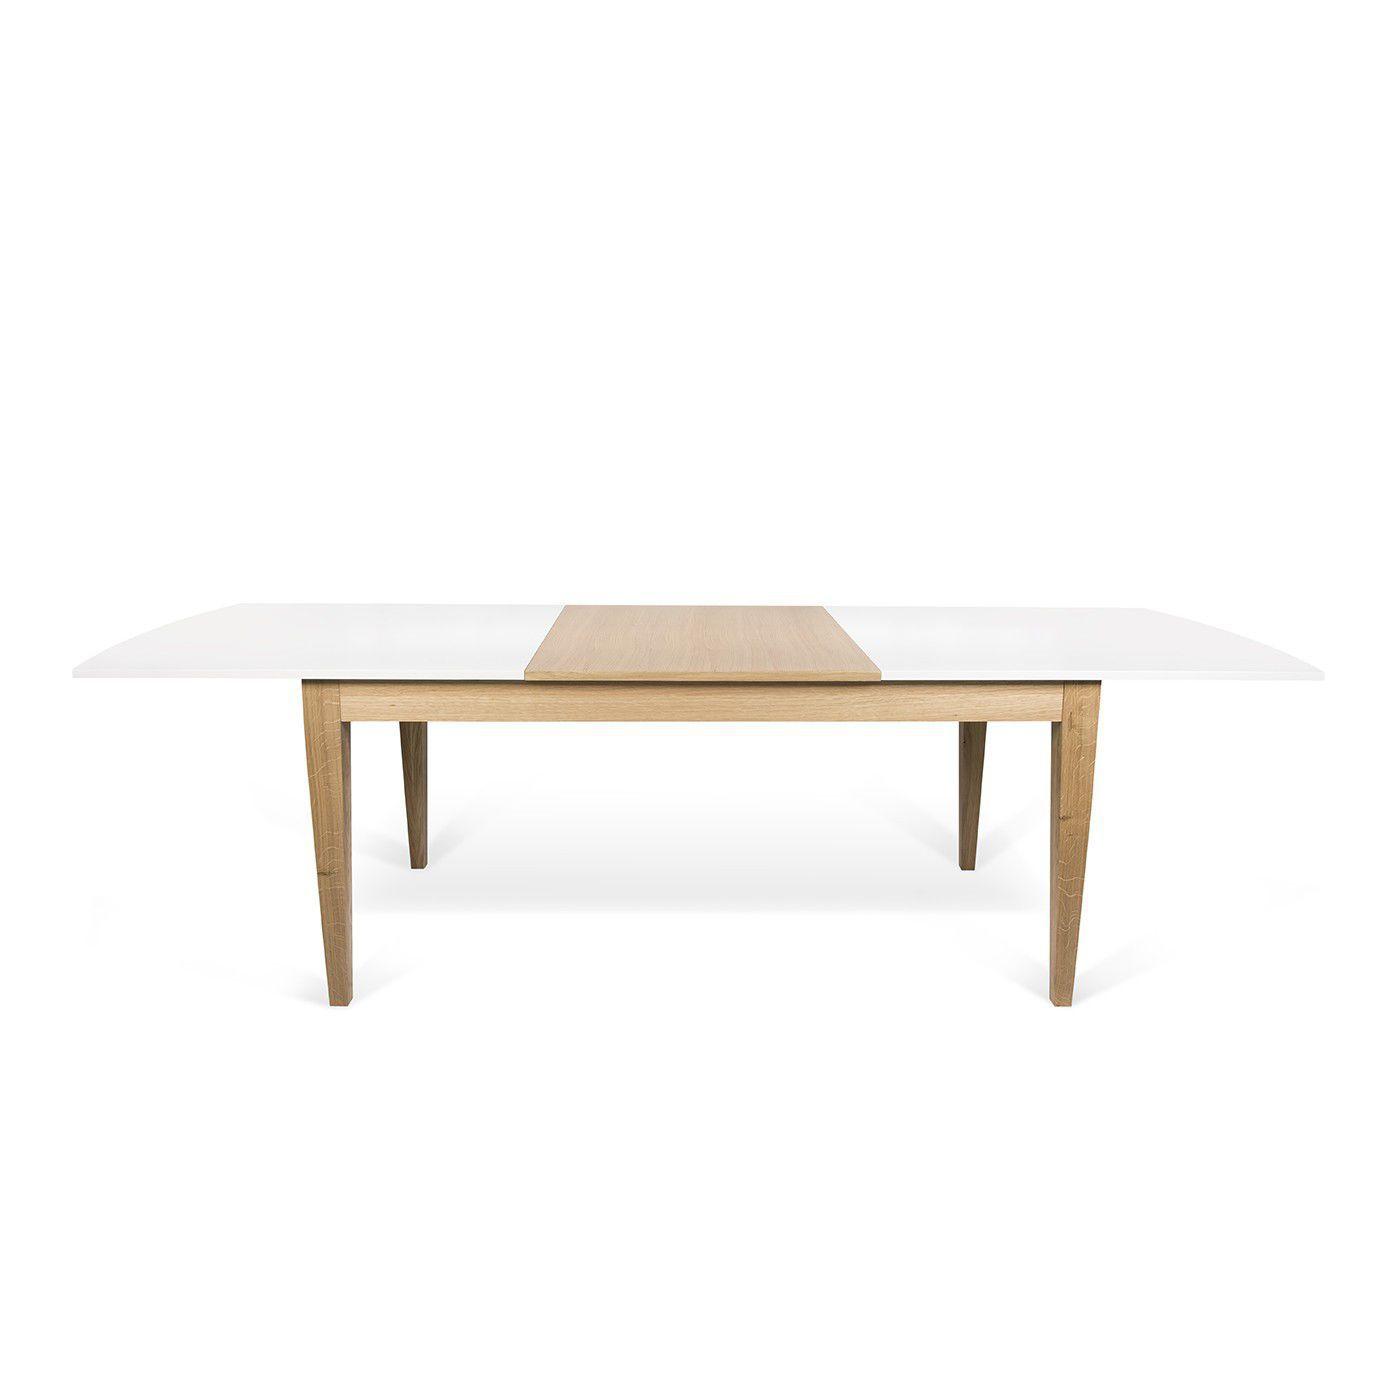 à en rectangulaire rallonge contemporaine table à manger chêne rdeWQBoCx